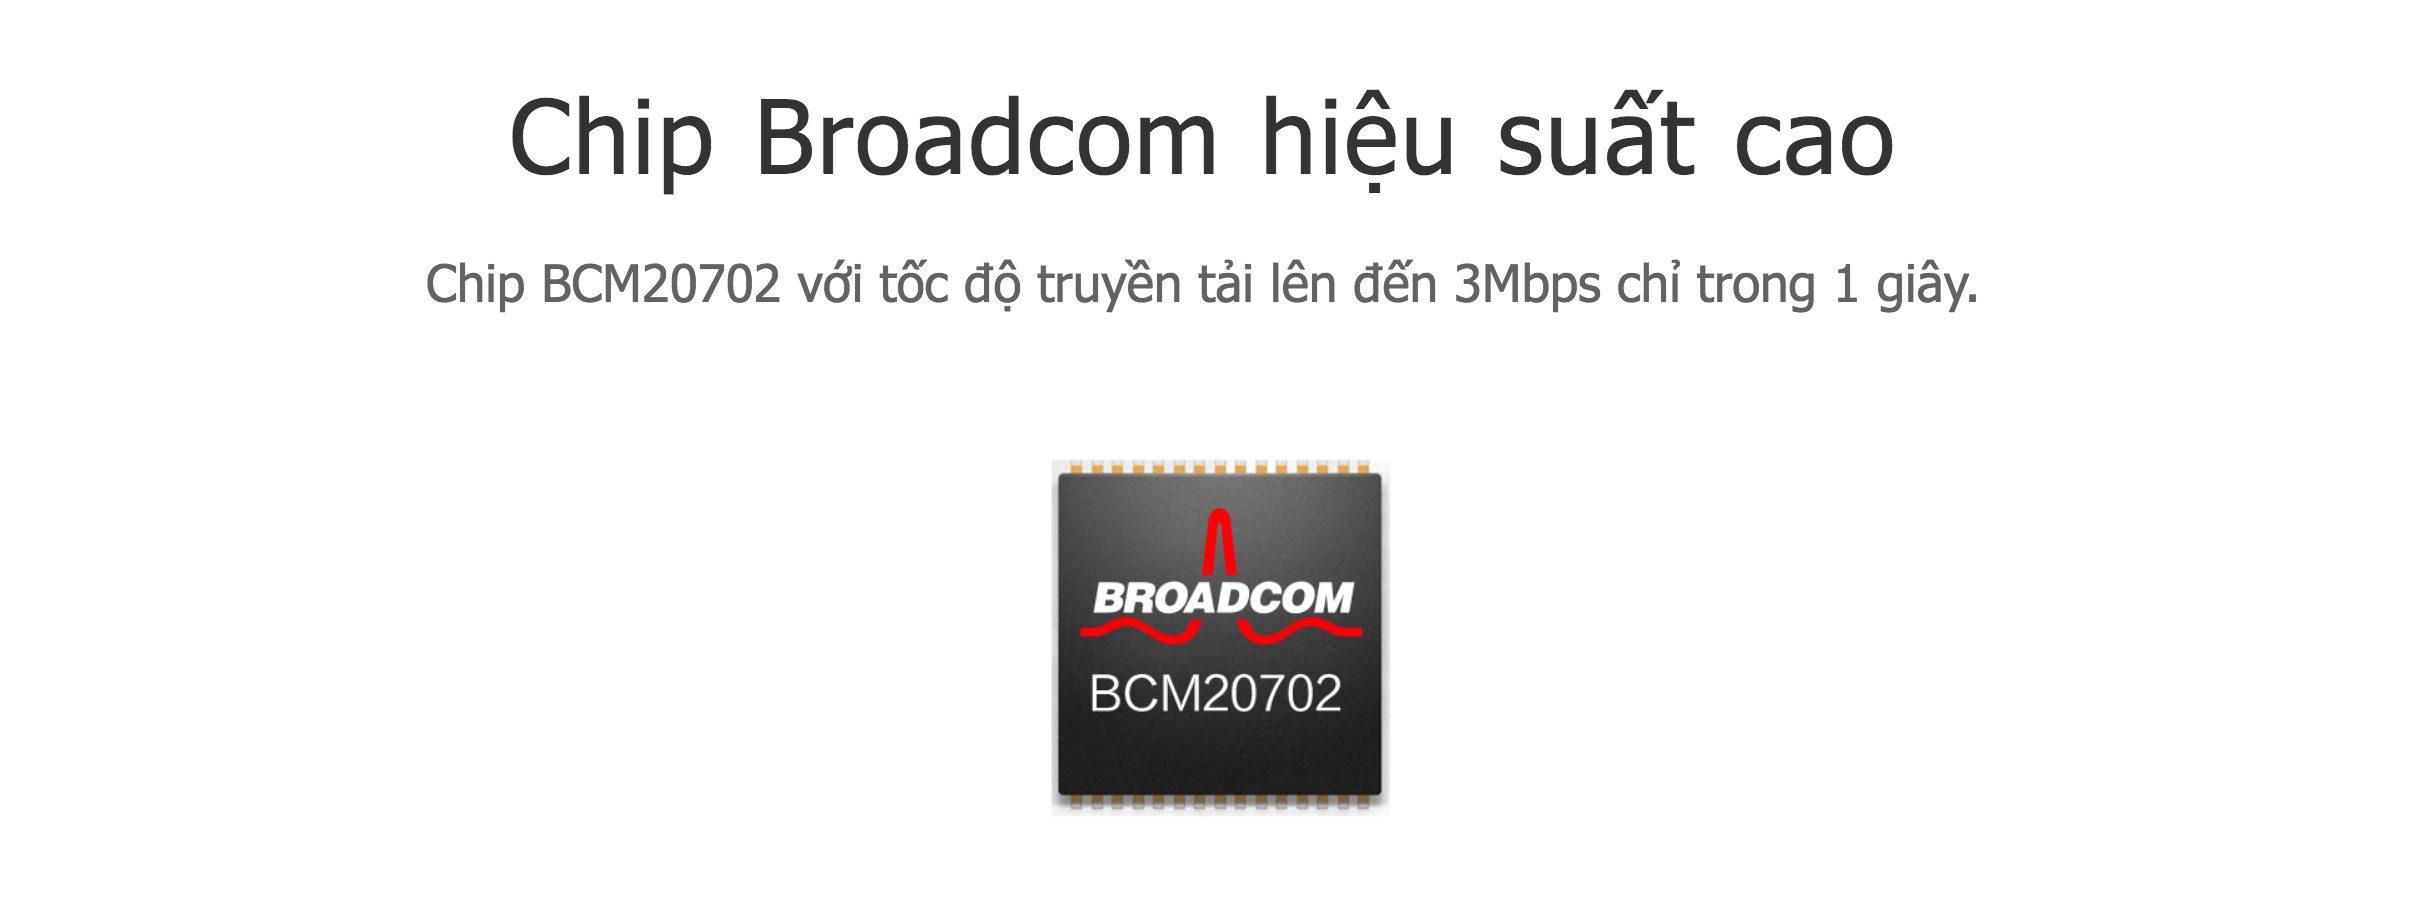 USB Bluetooth Orico 4.0 BTA408 Bảo hành 12 tháng tin hoc dai viet 7